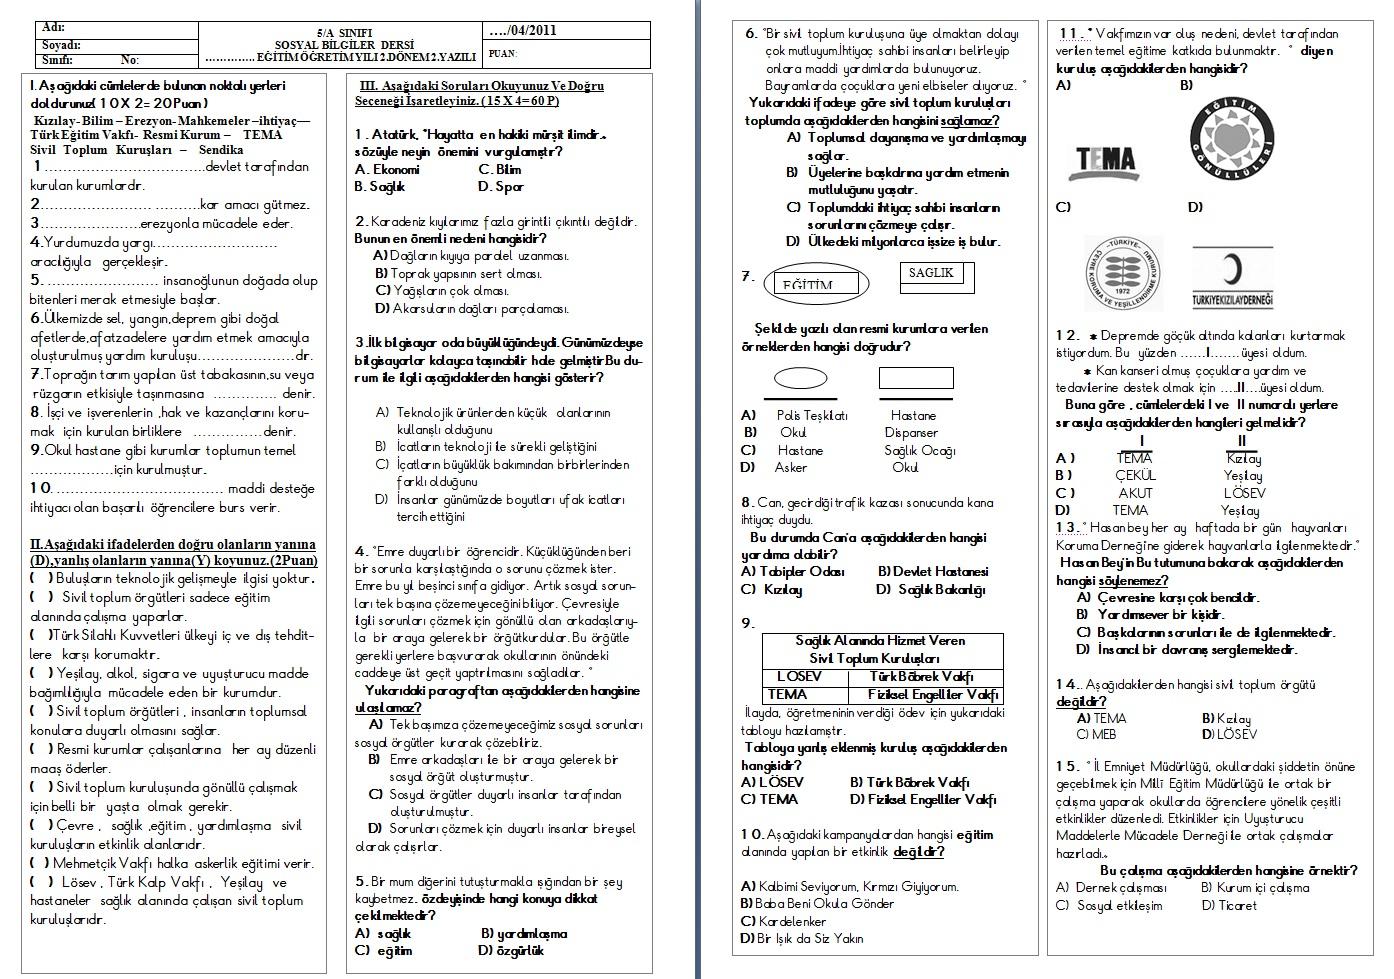 Sınıf sosyal bilgiler 2 dönem 2 yazılı